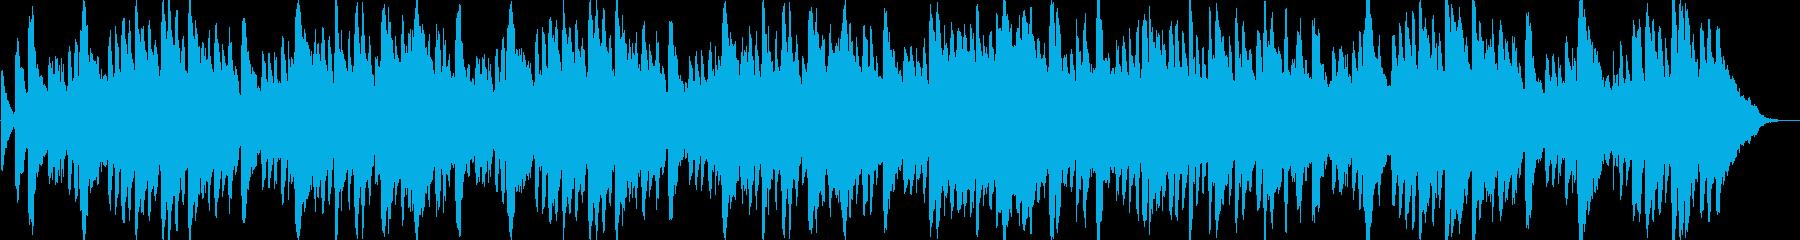 トロイメライ/シューマンの再生済みの波形